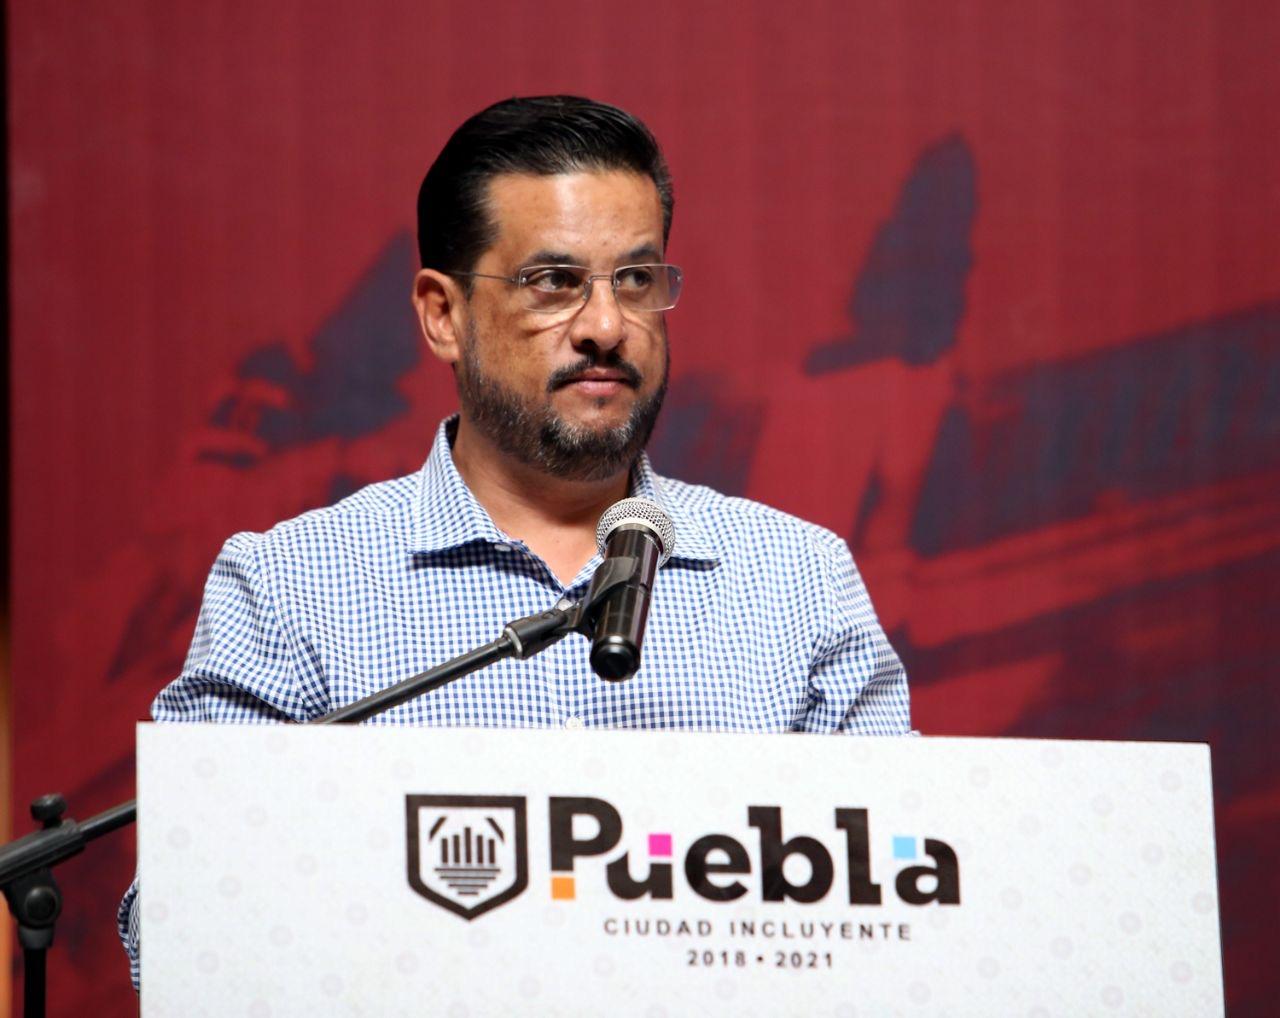 Sancionarán a dueños de bares por no acatar normas de prevención en Puebla